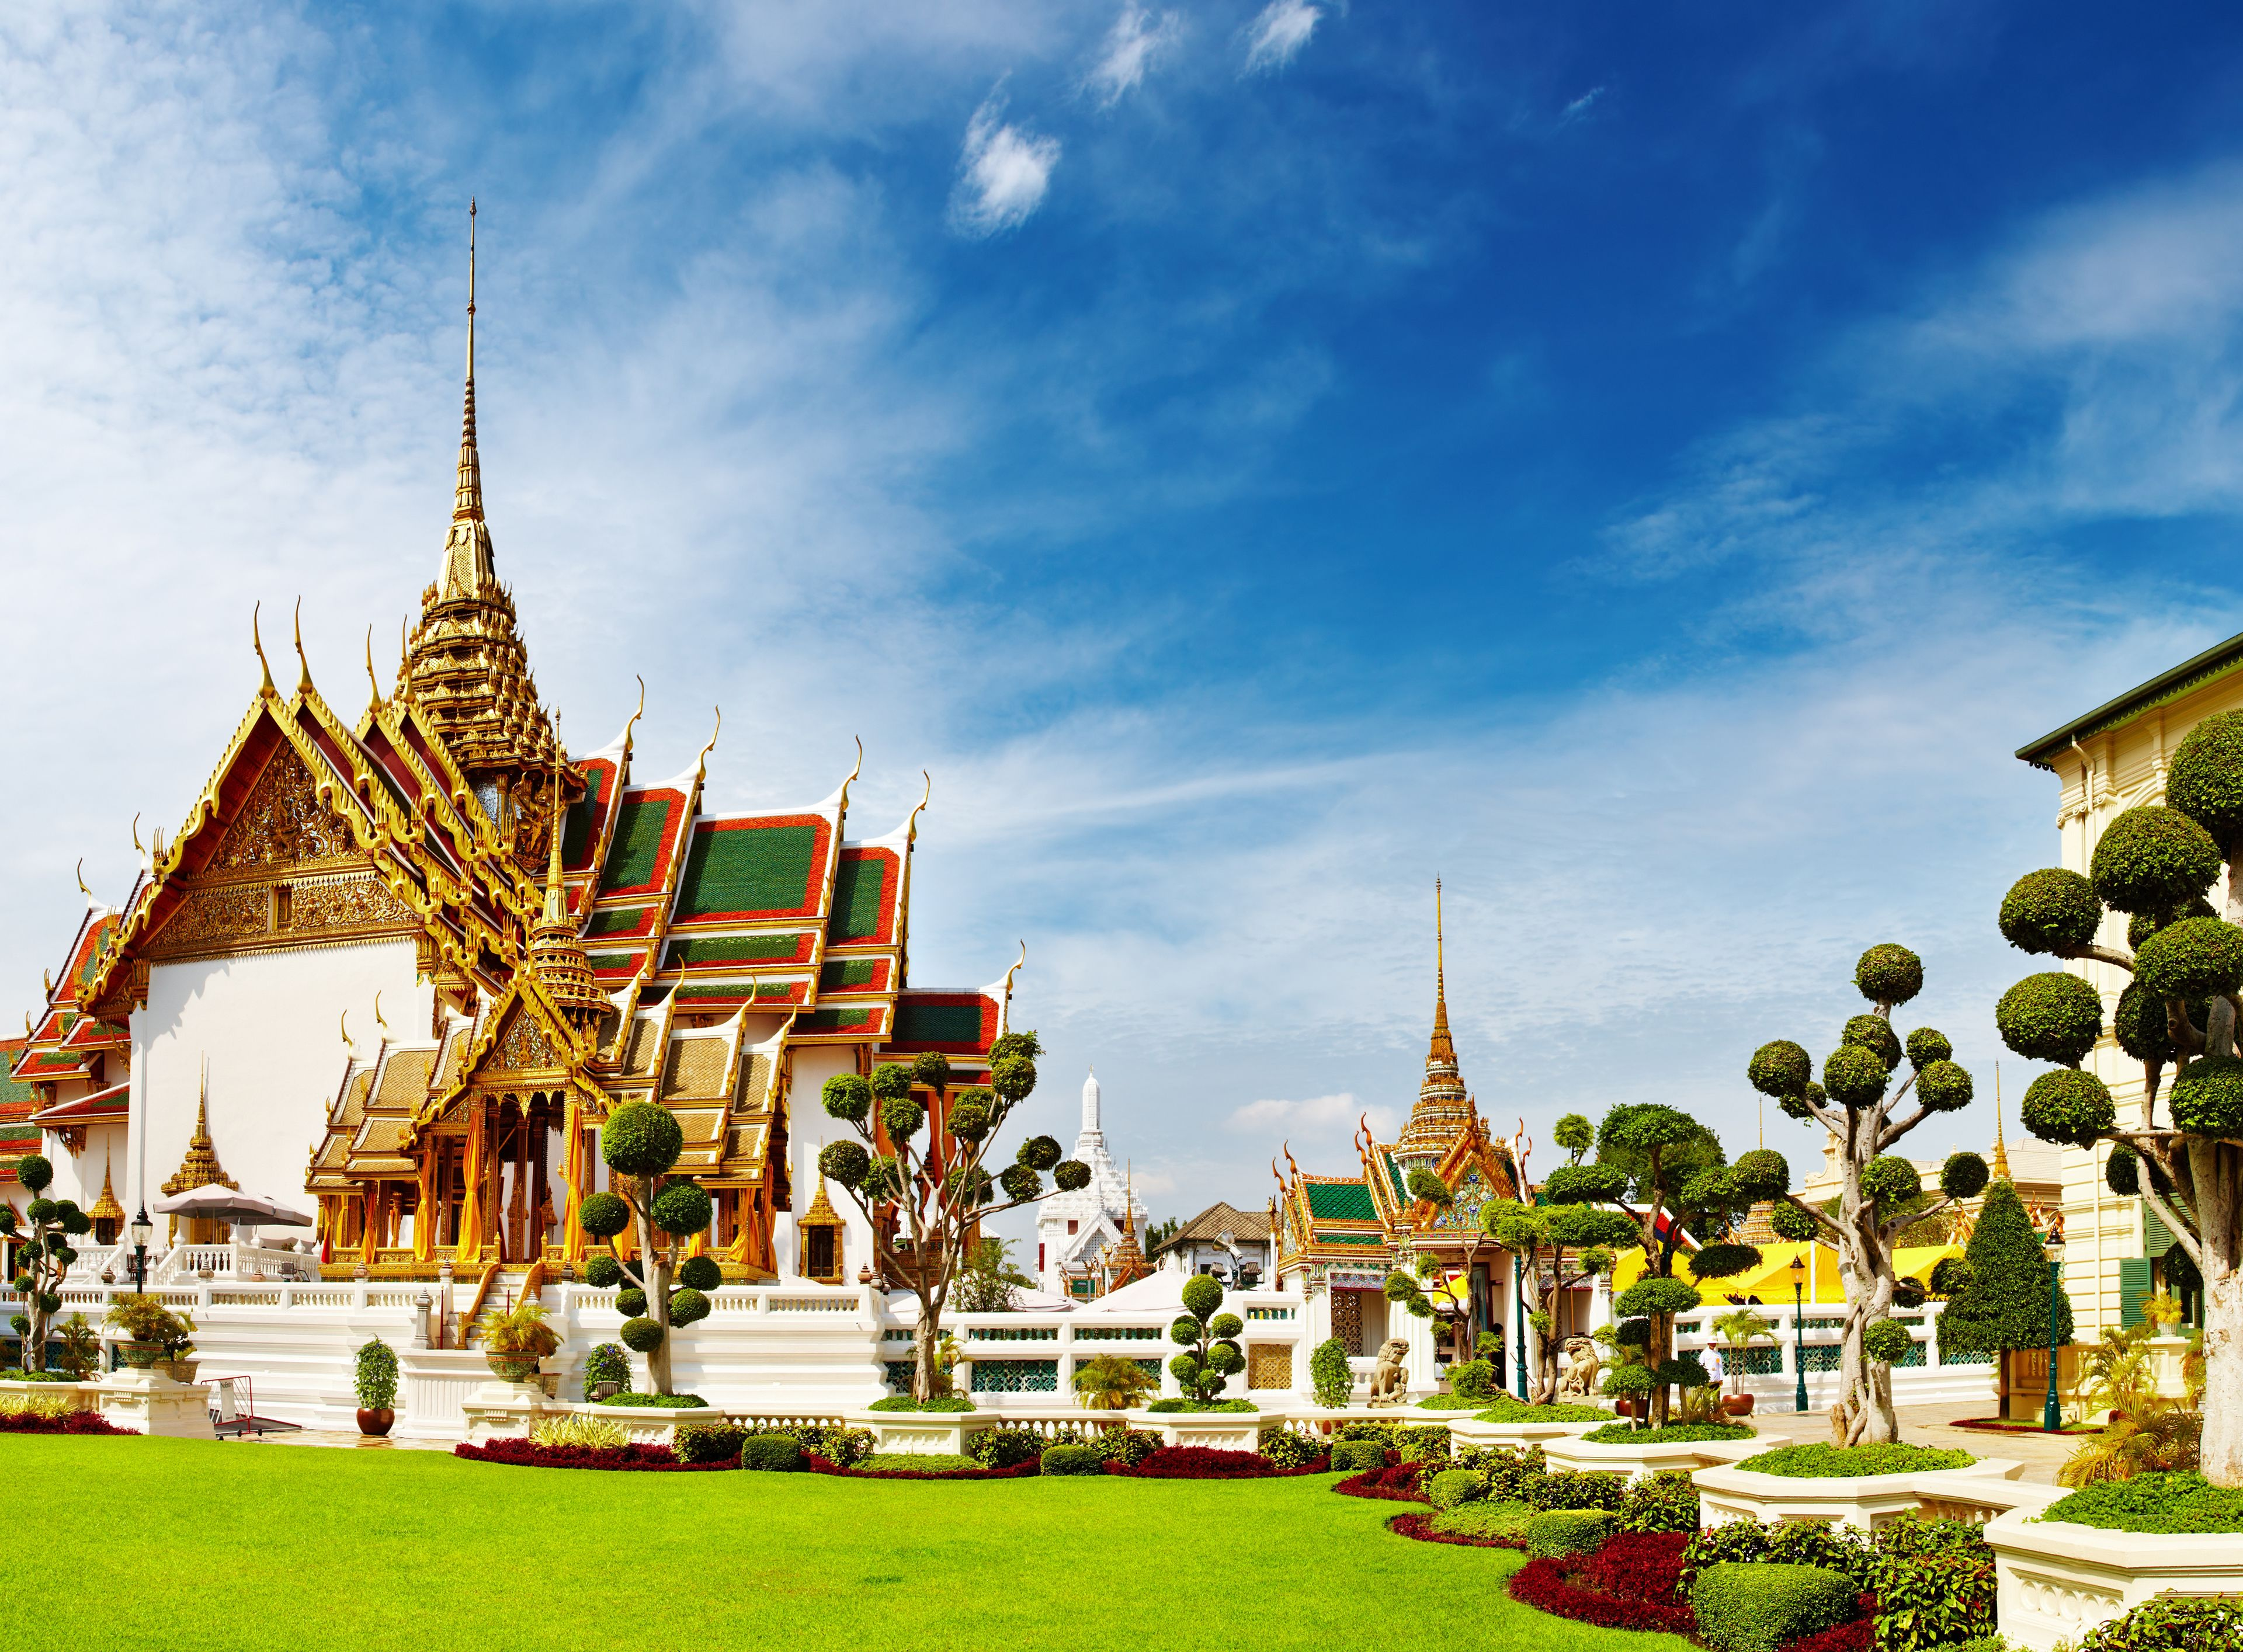 Private Grand Palace, Emerald Buddha & Reclining Buddha Morning Tour